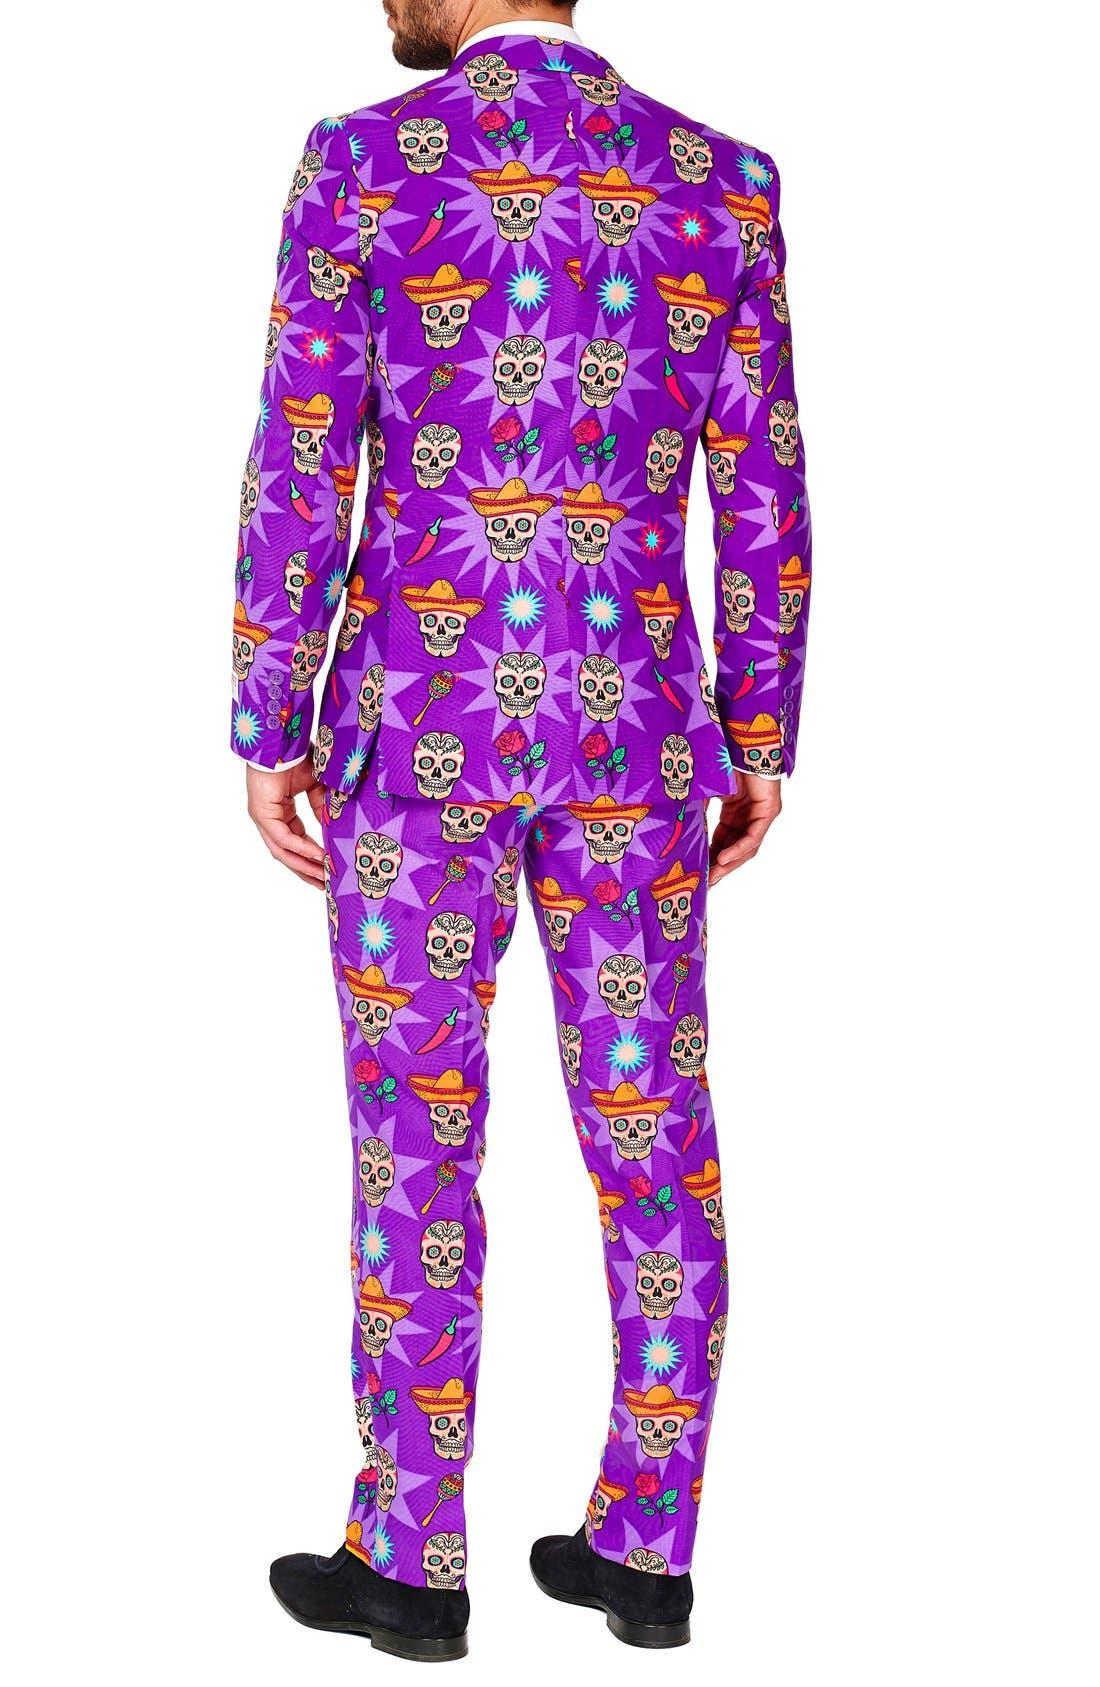 'El Muerto' Trim Fit Two-Piece Suit with Tie,                             Alternate thumbnail 6, color,                             520